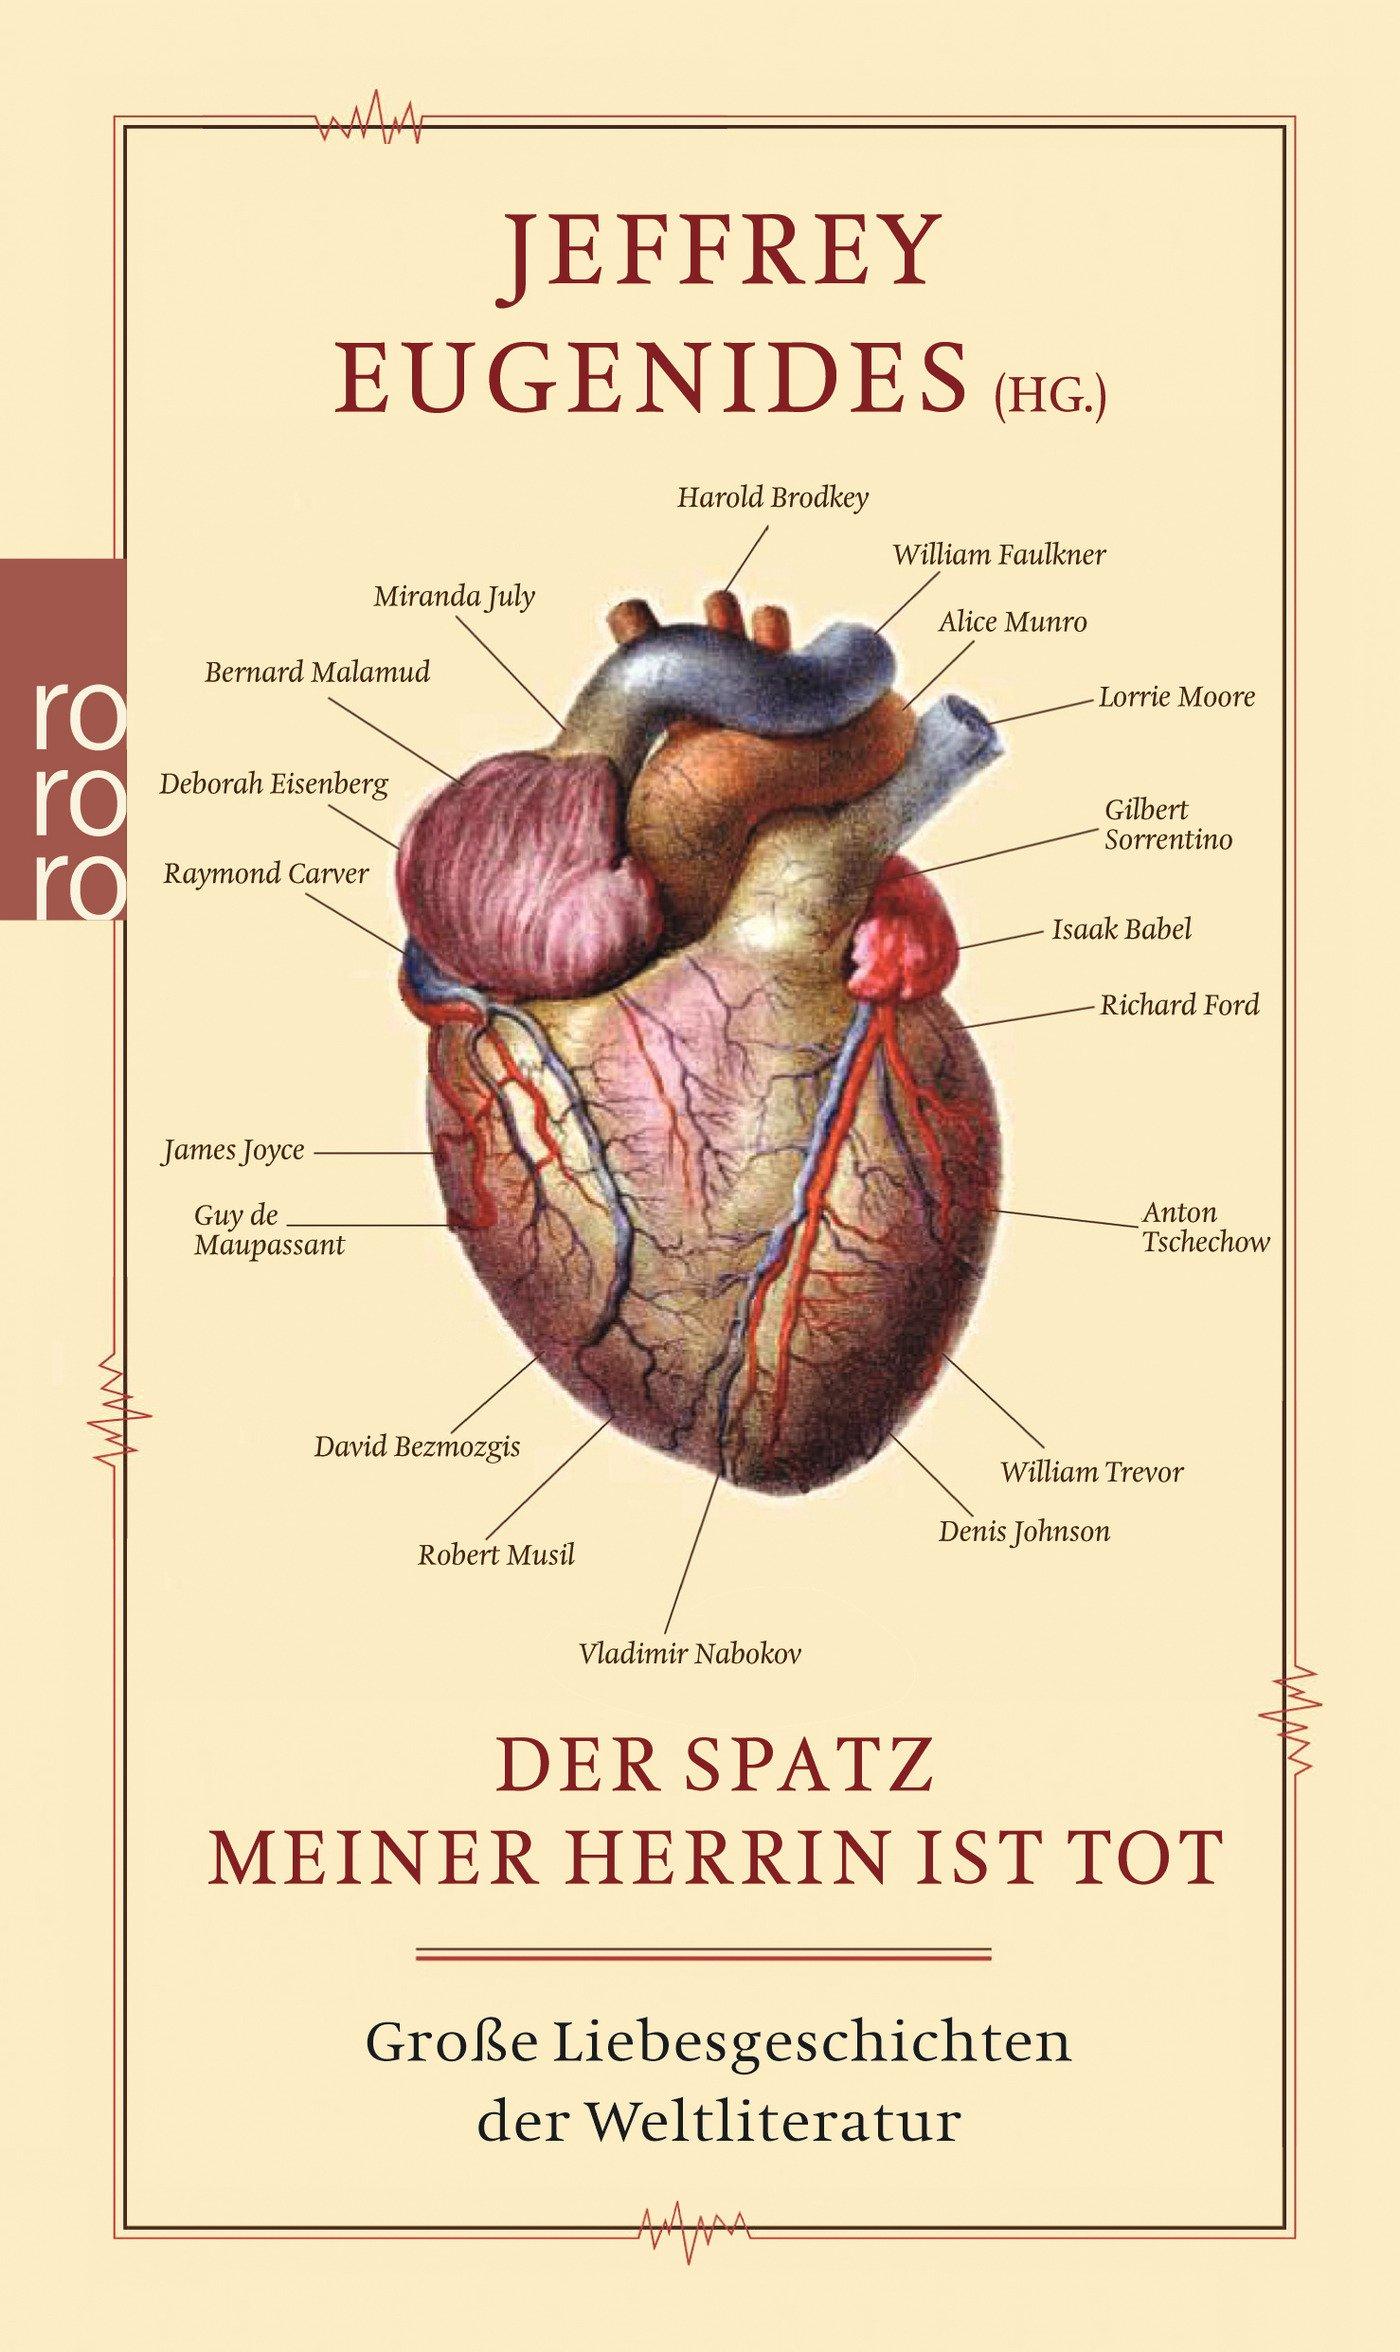 Der Spatz meiner Herrin ist tot: Große Liebesgeschichten der Weltliteratur